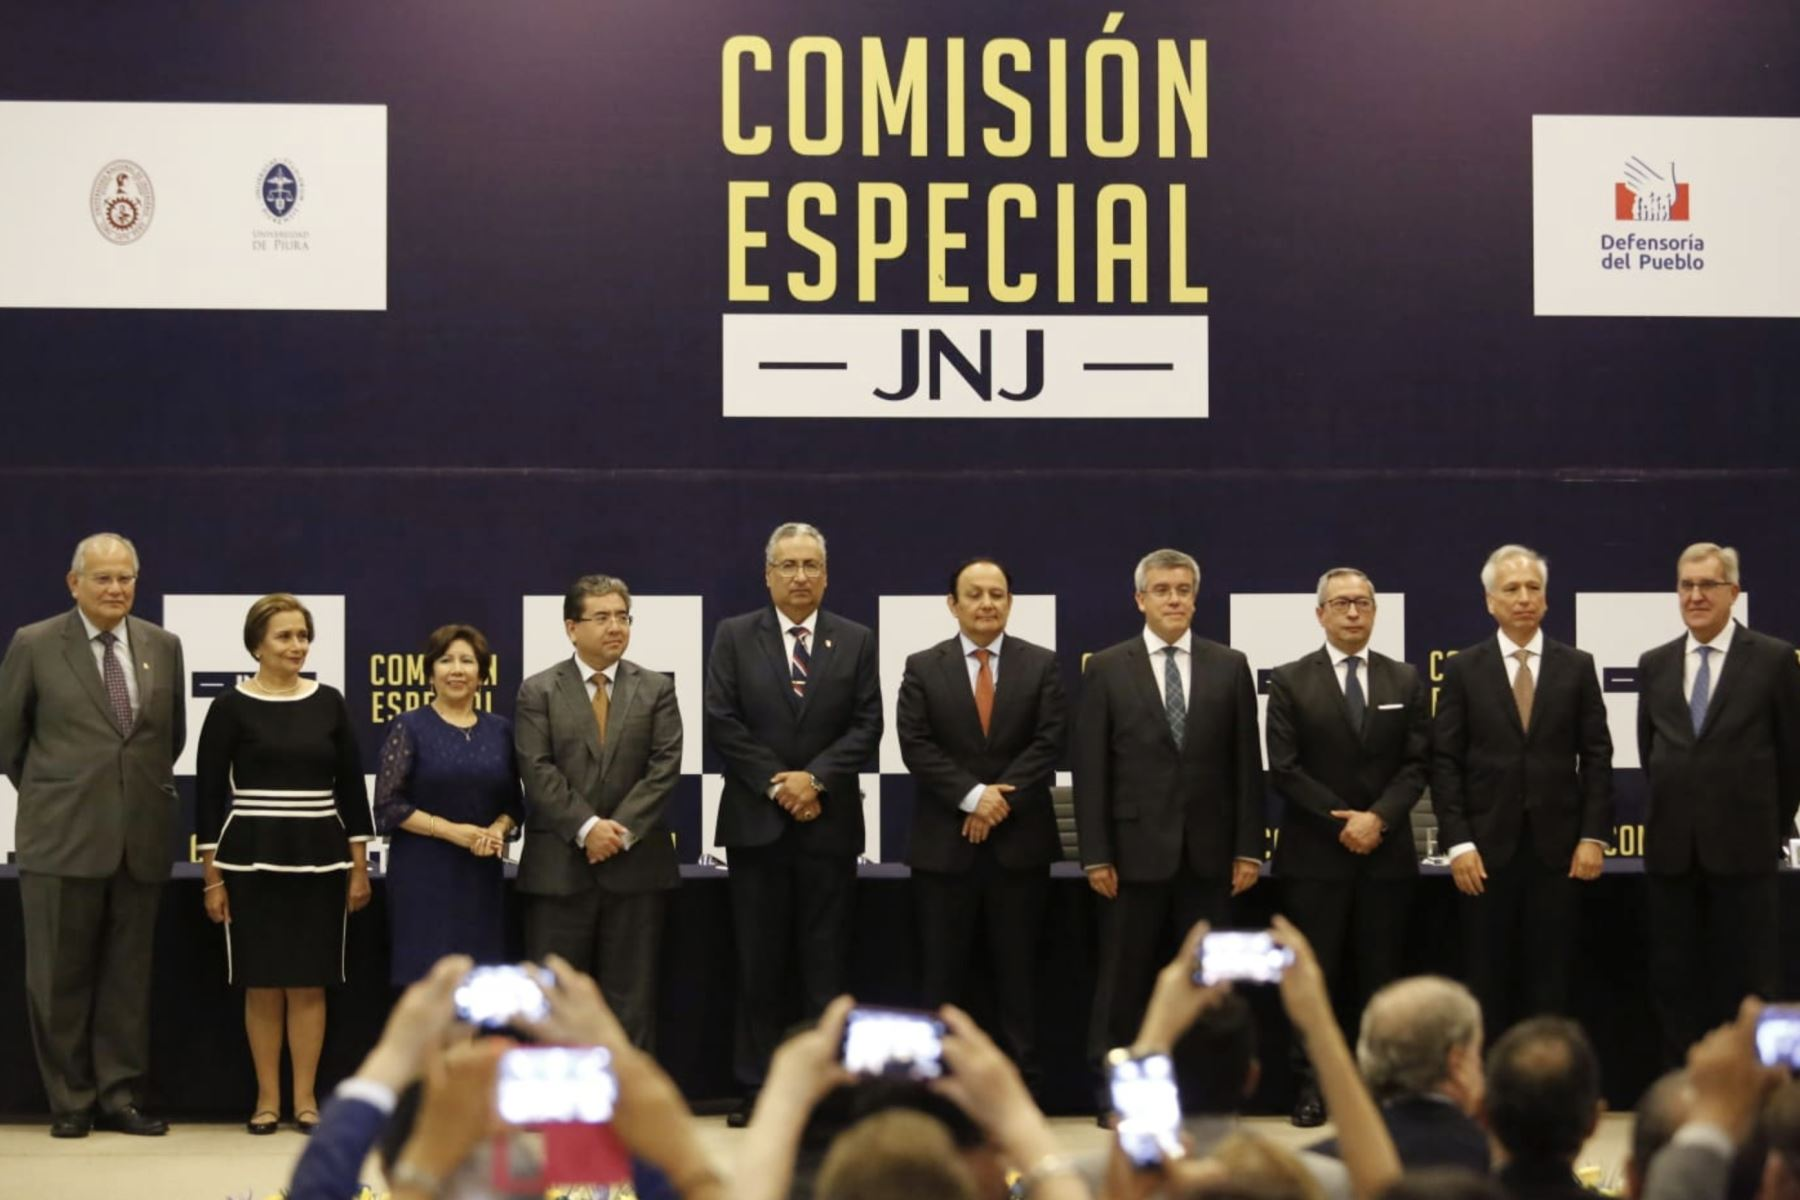 Miembros electos de la Junta Nacional de Justicia (JNJ) juraron al cargo, en una ceremonia efectuada en el Centro de Convenciones de San Borja. Foto: ANDINA/ Difusión